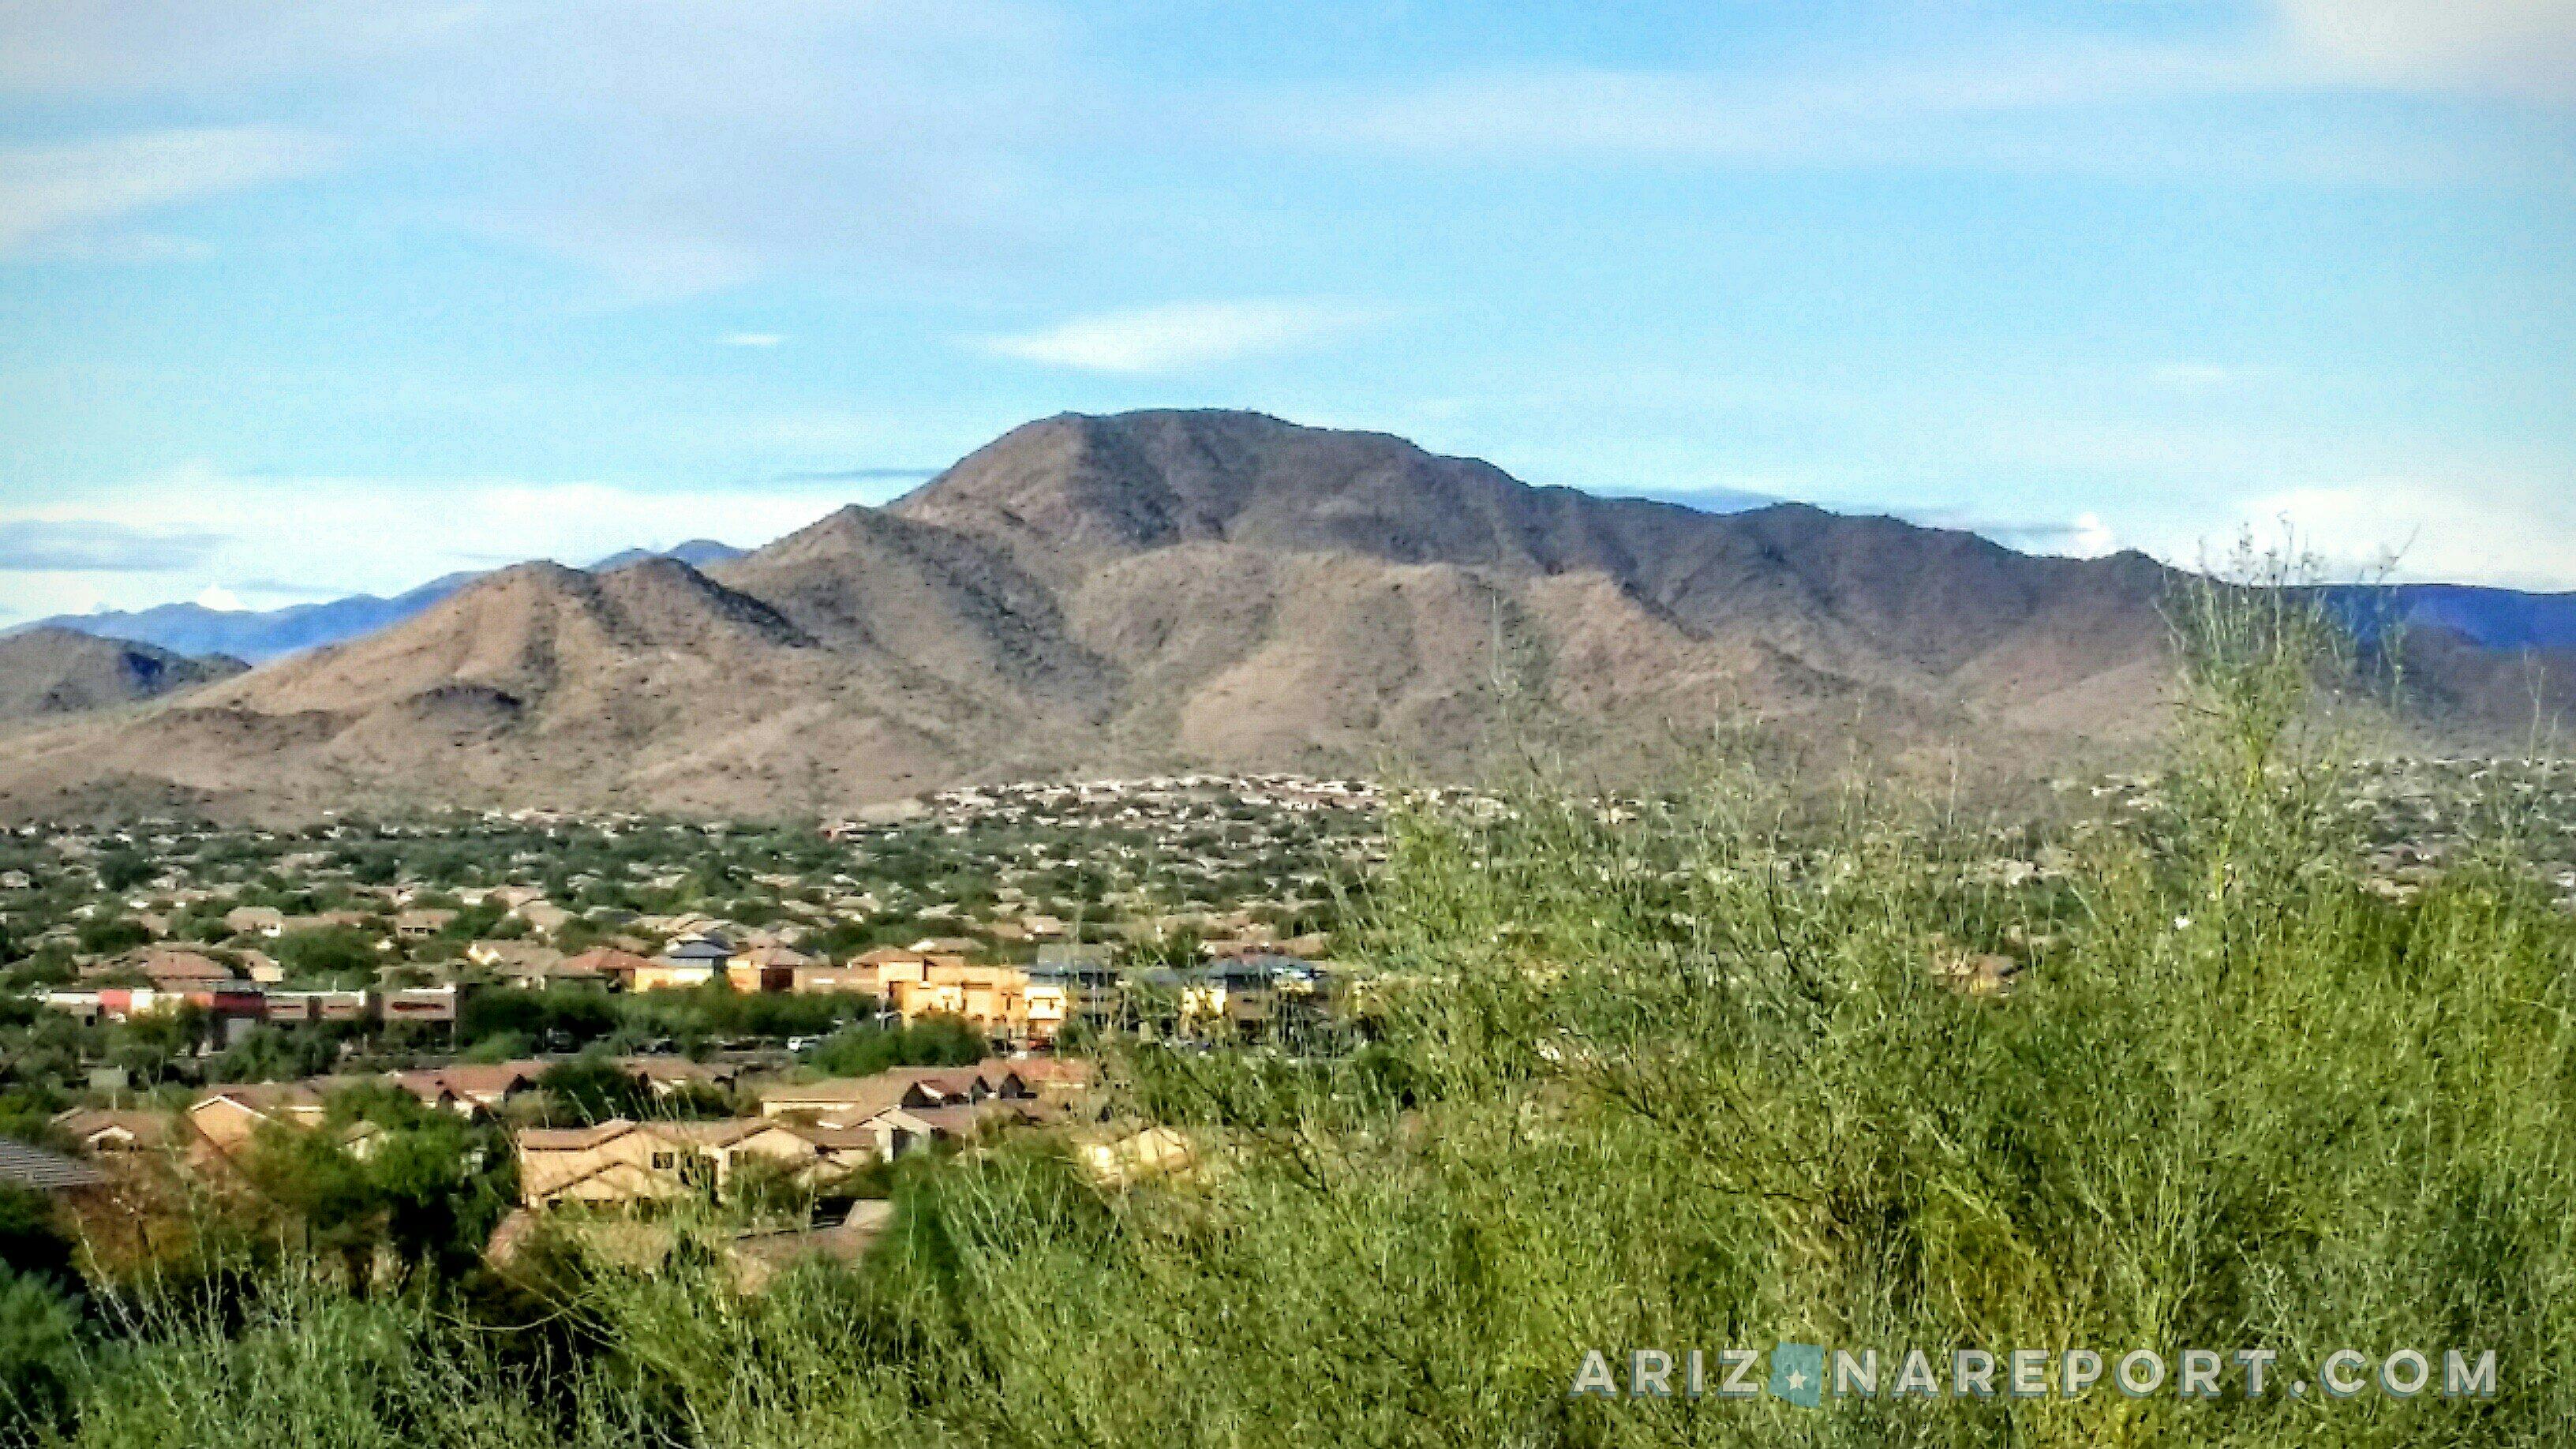 365 Phoenix Hikes: #2 – Daisy Mountain